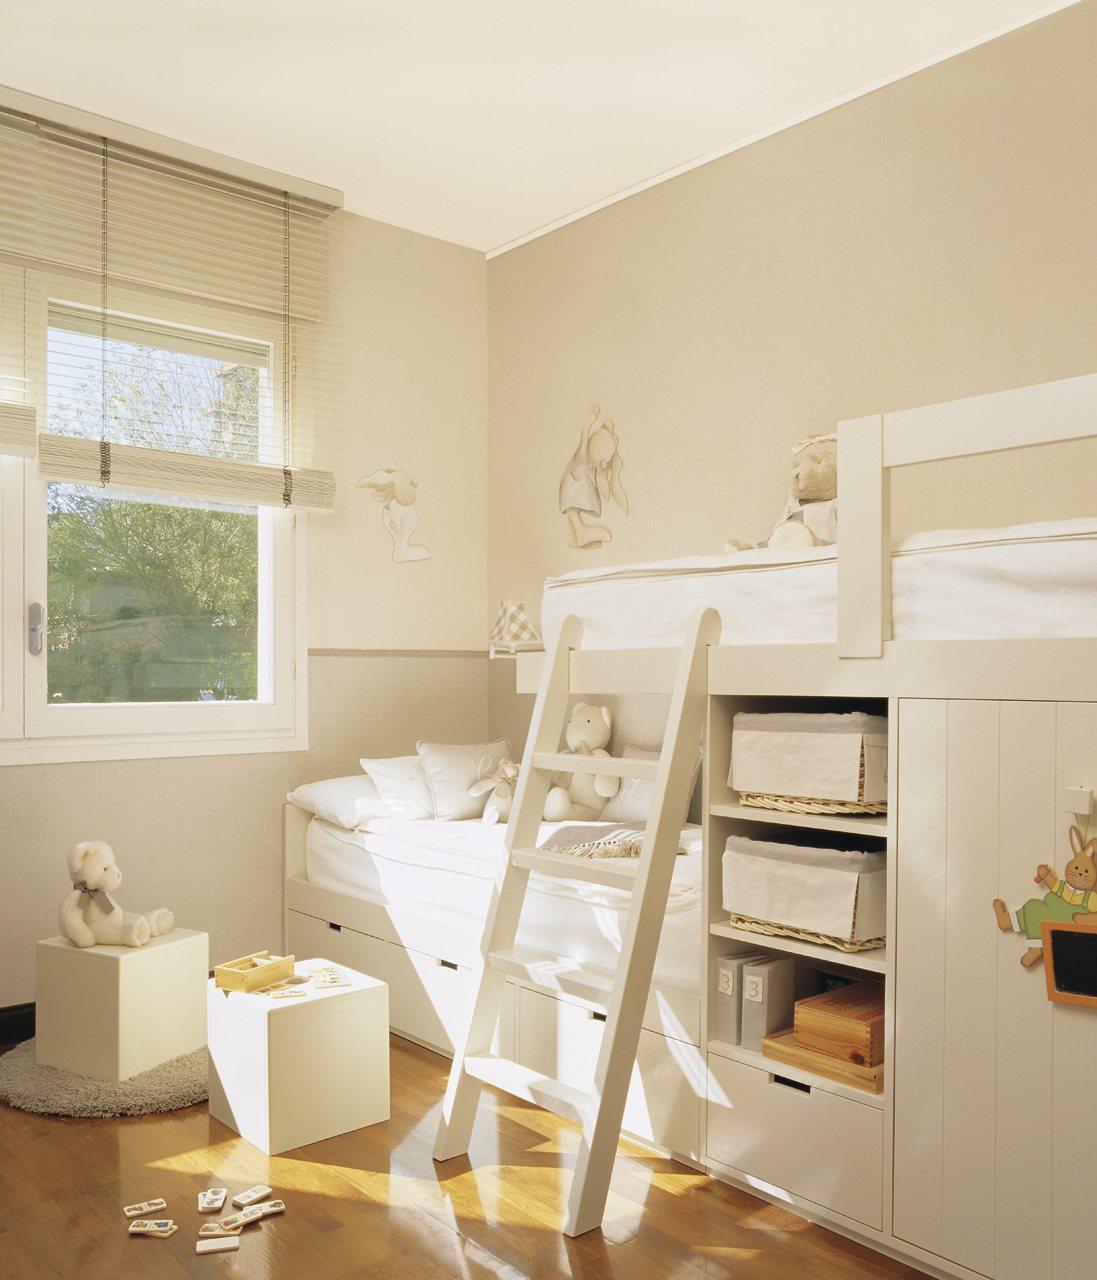 Muebles blancos recamara 20170822085621 for Muebles blancos dormitorio